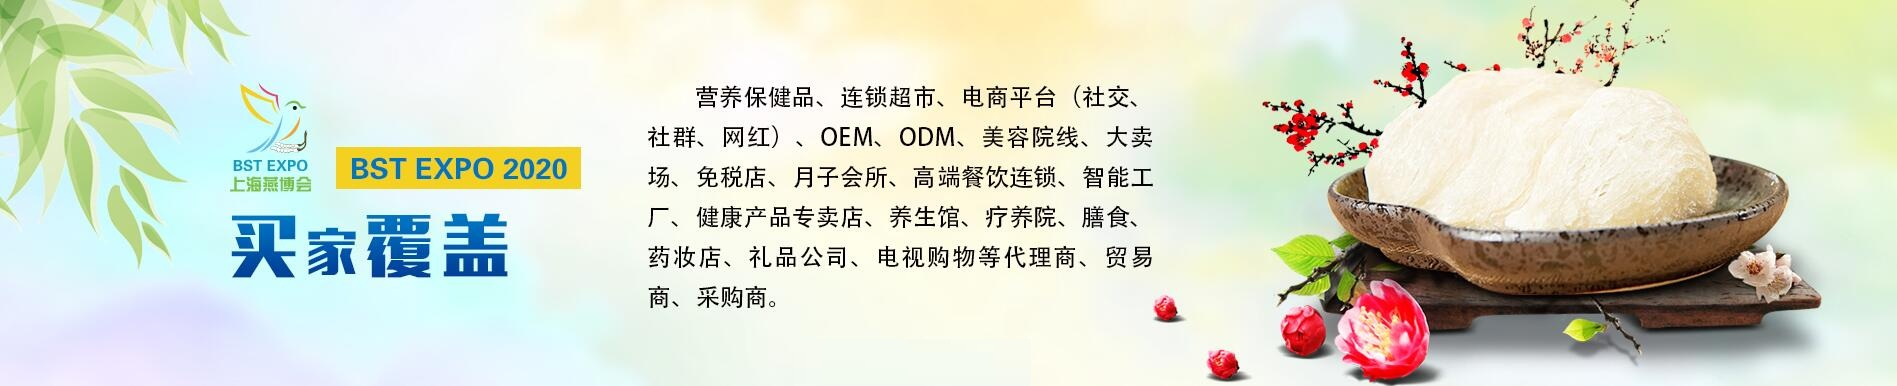 """不要""""浪费""""这次疫情-8月上海燕窝展带您解密!"""